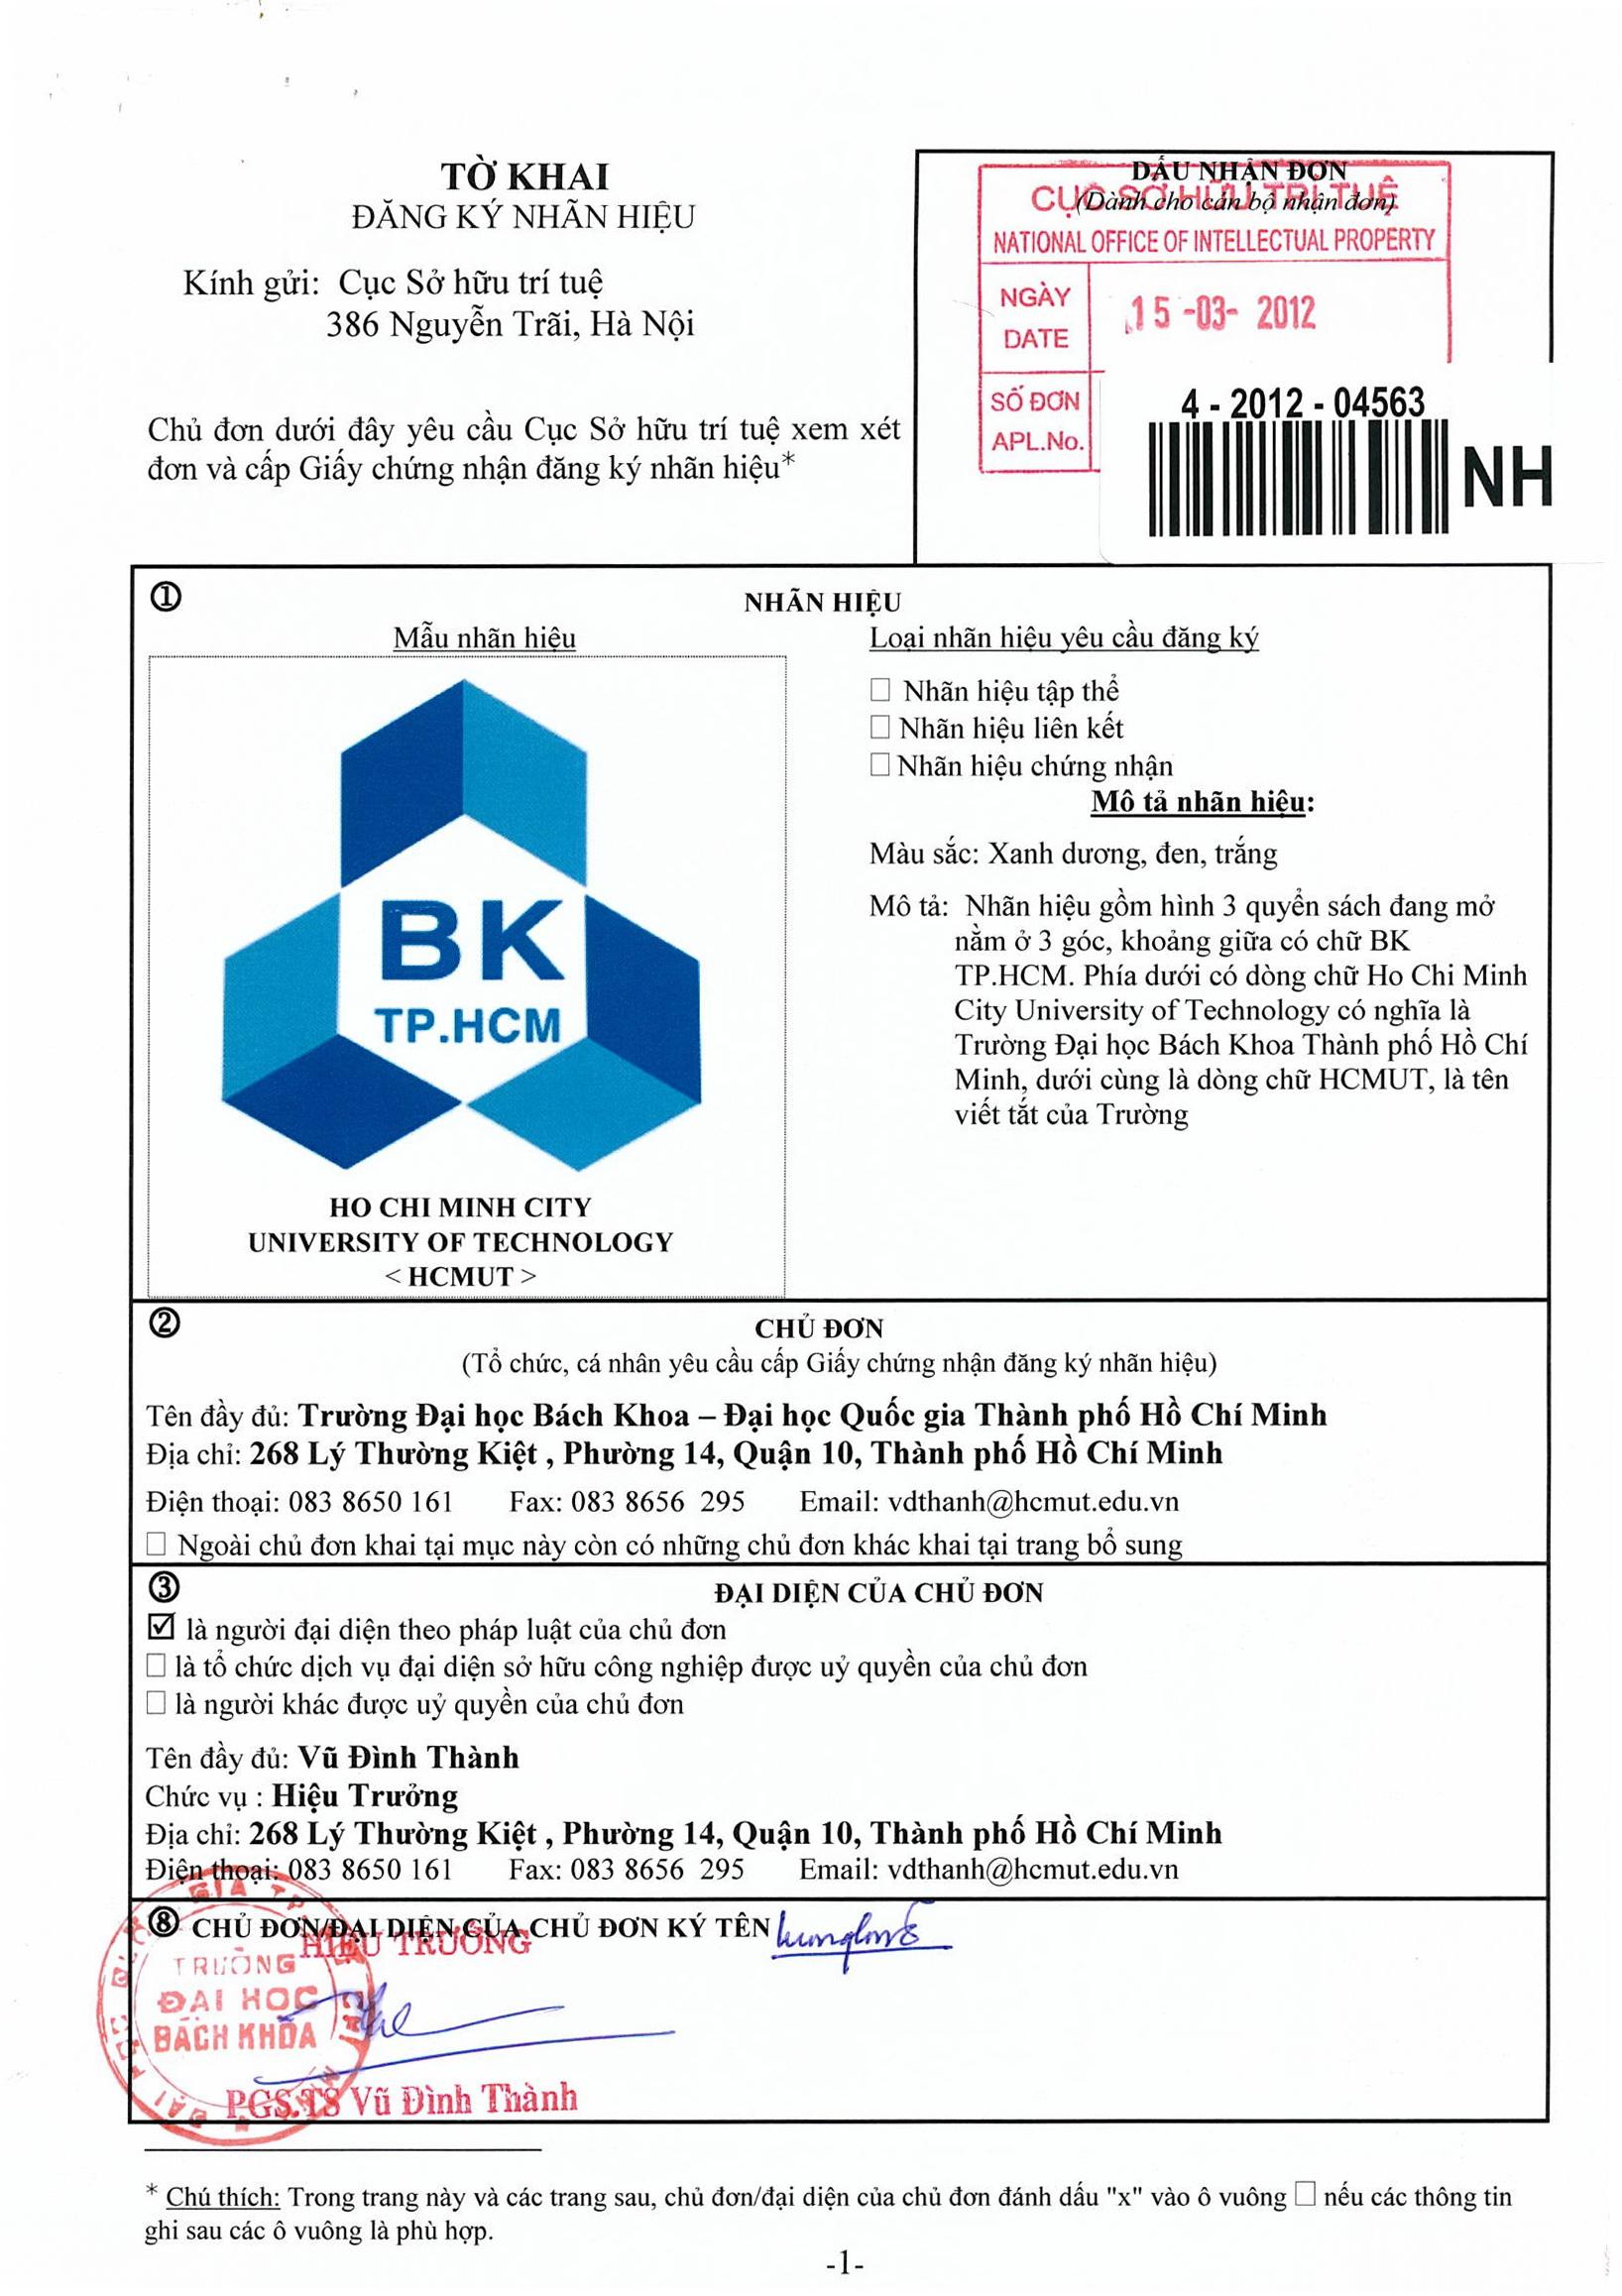 To-khai-dang-ky-nhan-hieu-DHBK